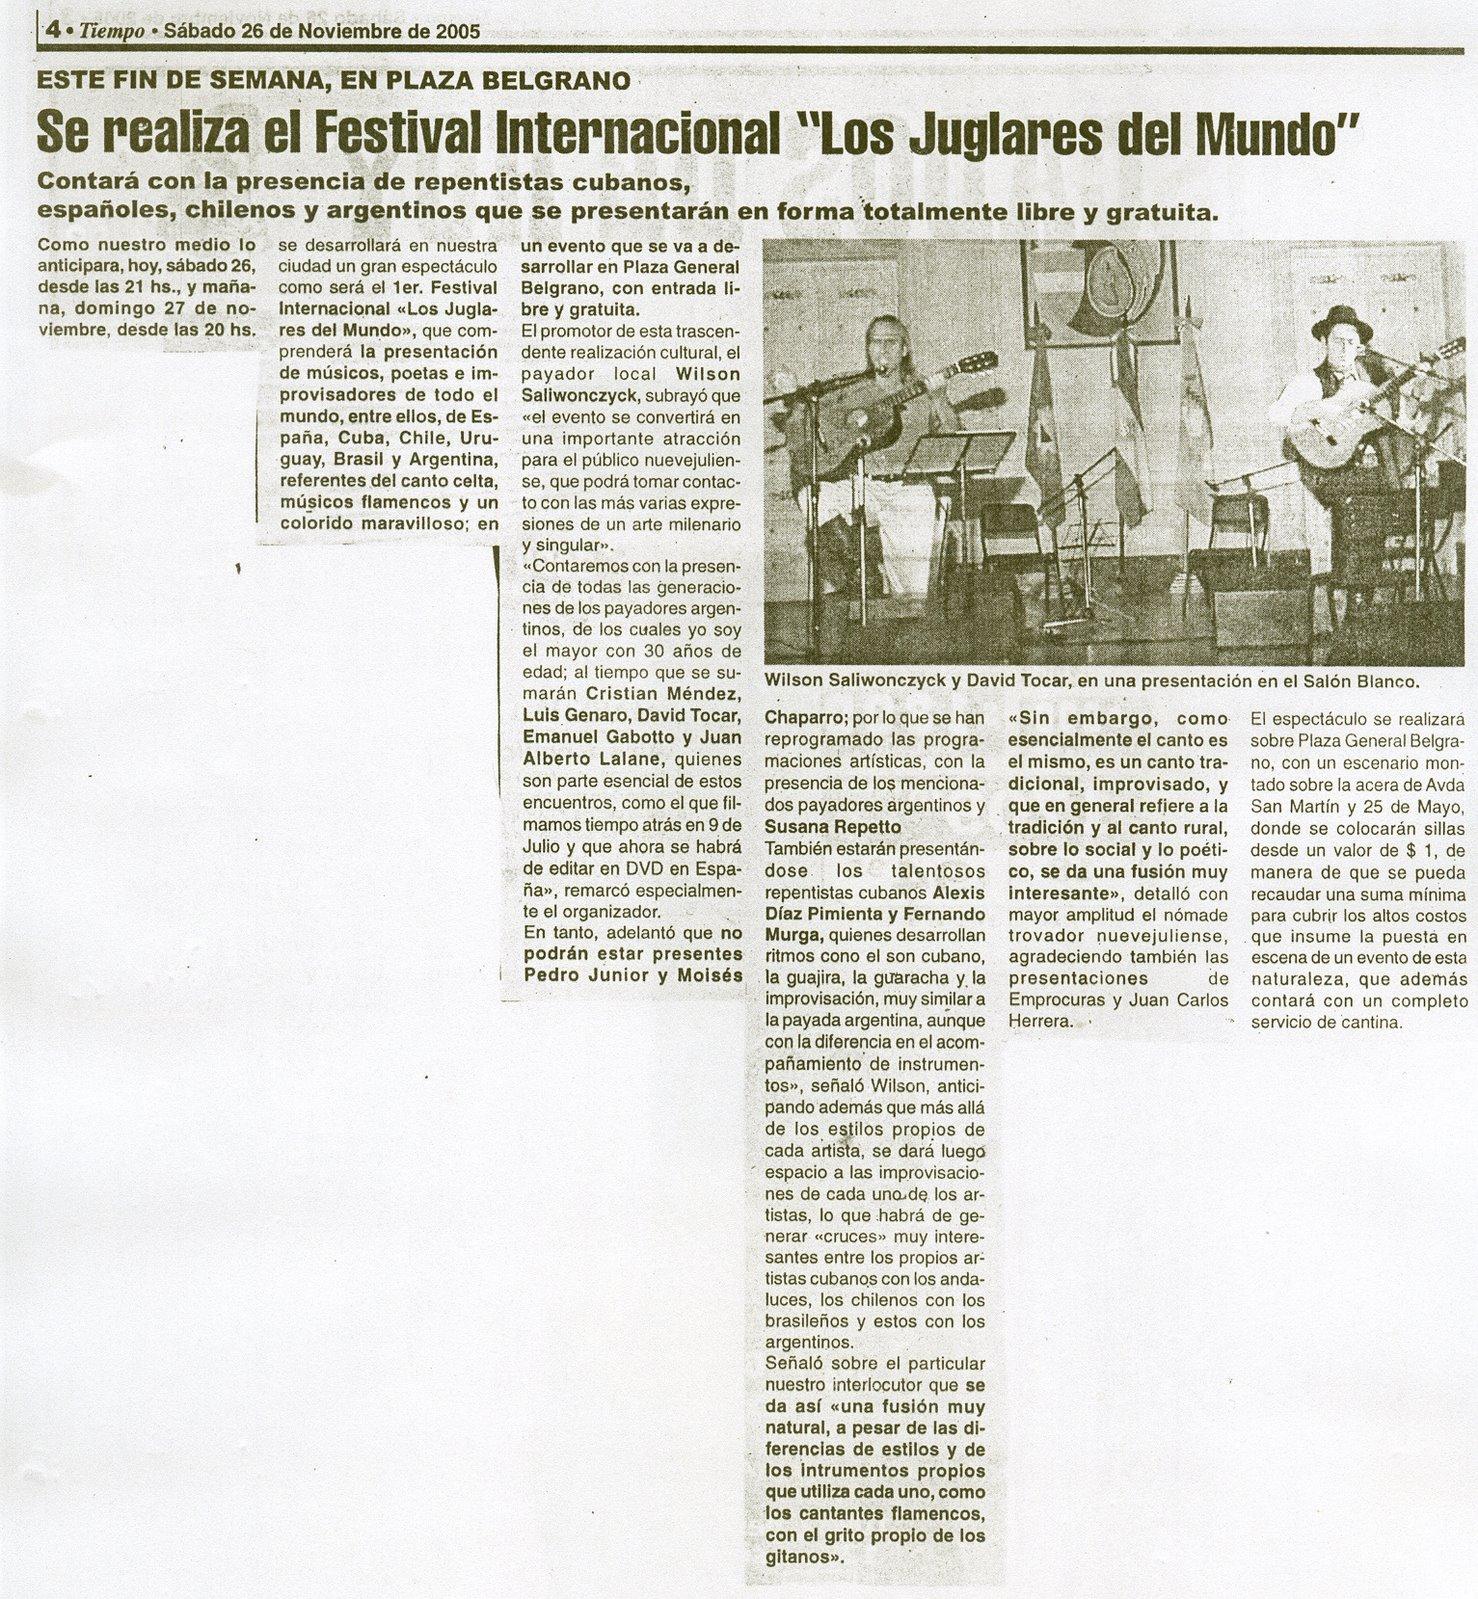 [Tiempo.+9+DE+JULIO,+26.11.2005]